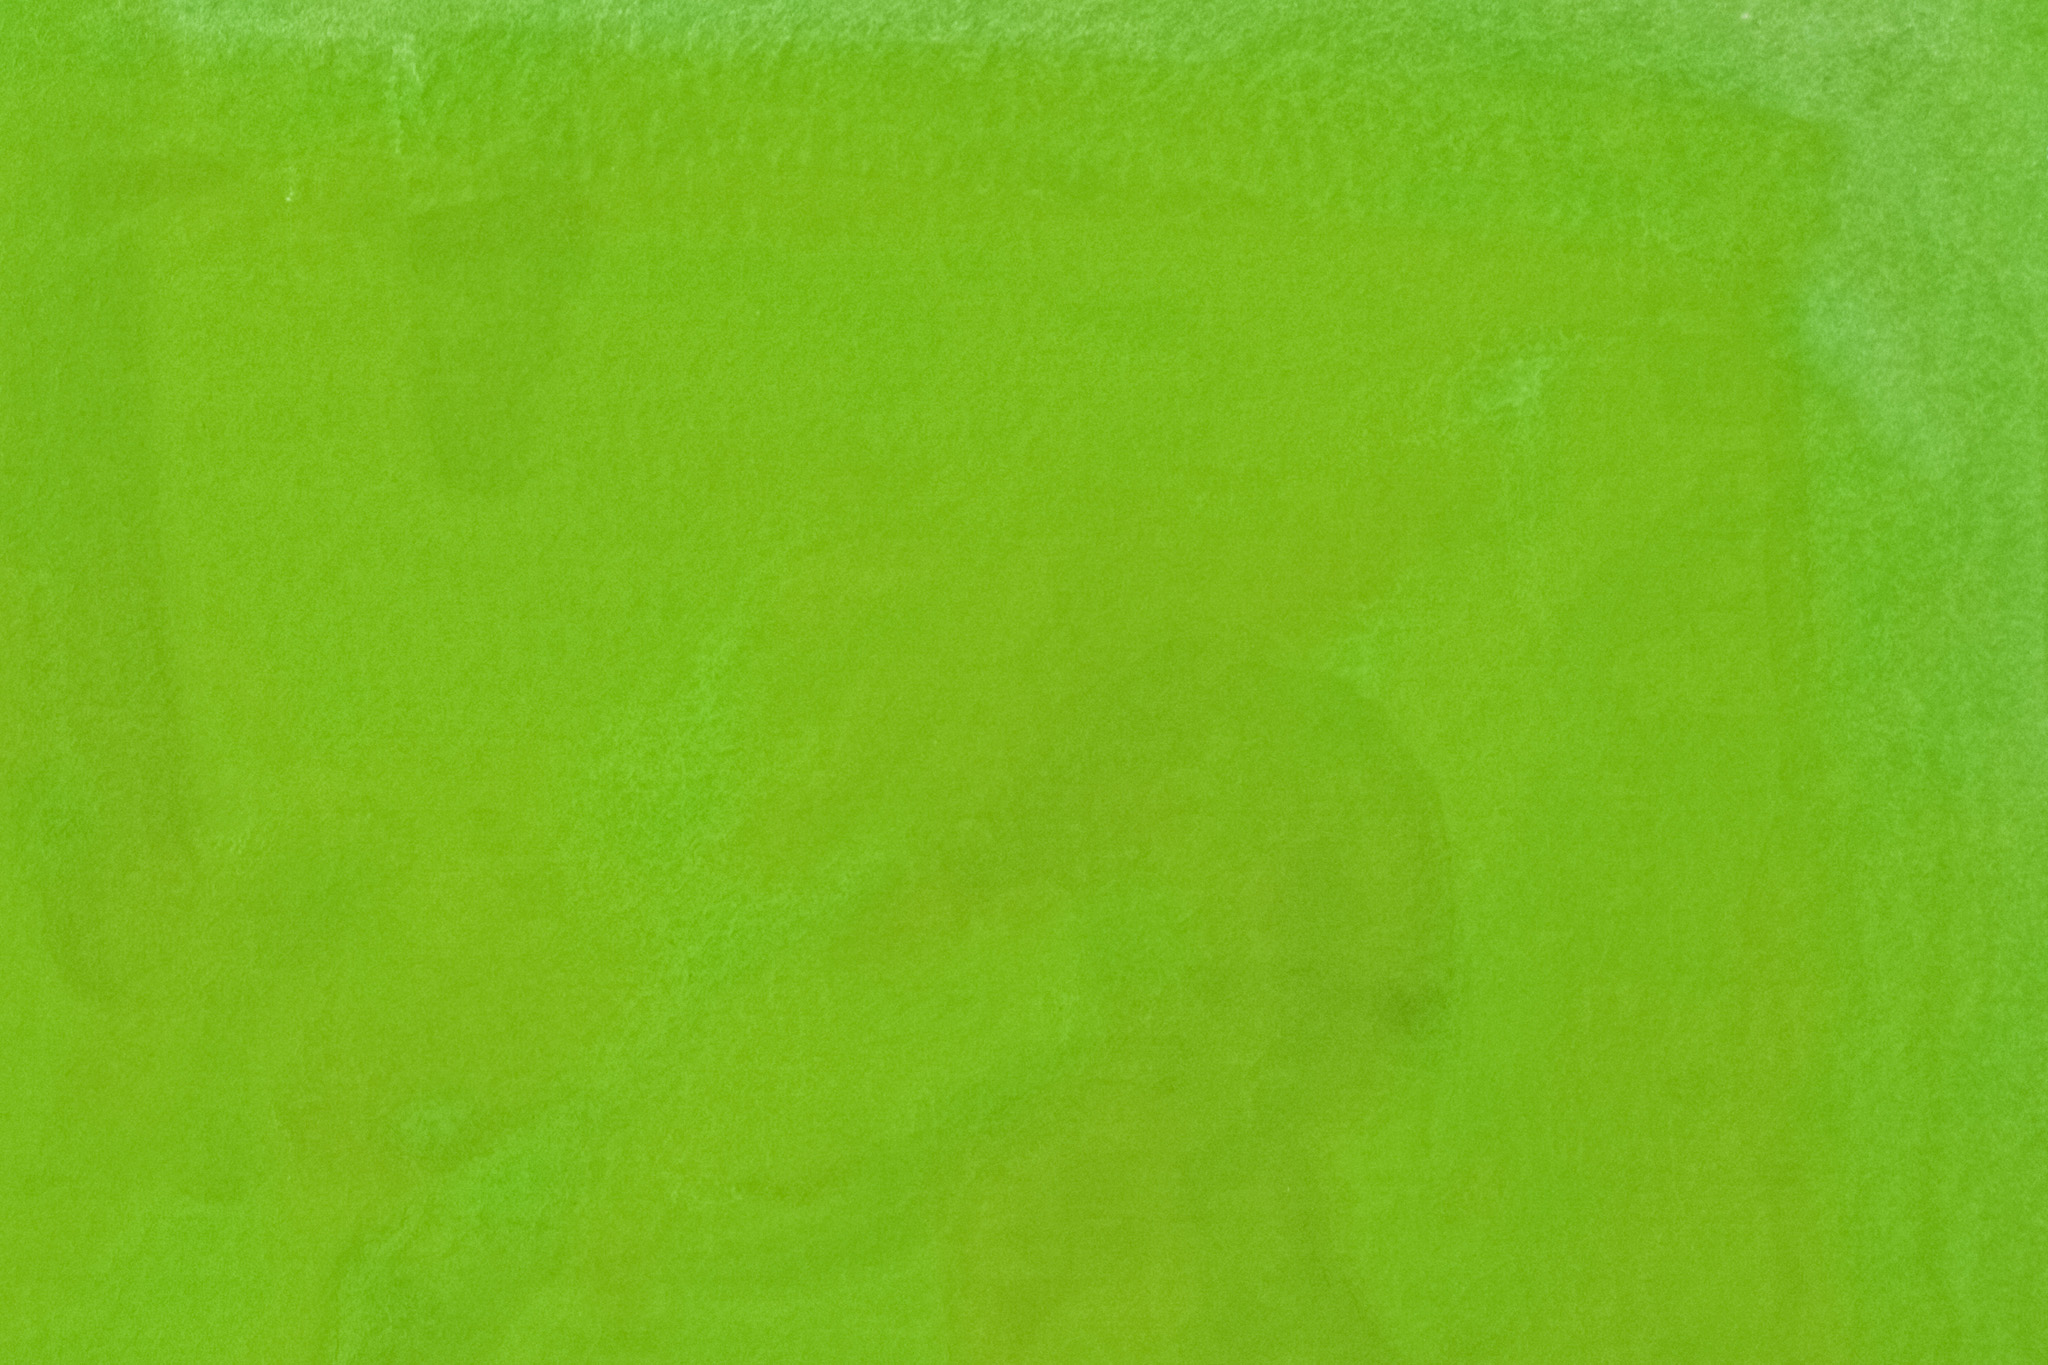 「鶸萌黄色の水彩平塗りテクスチャ」